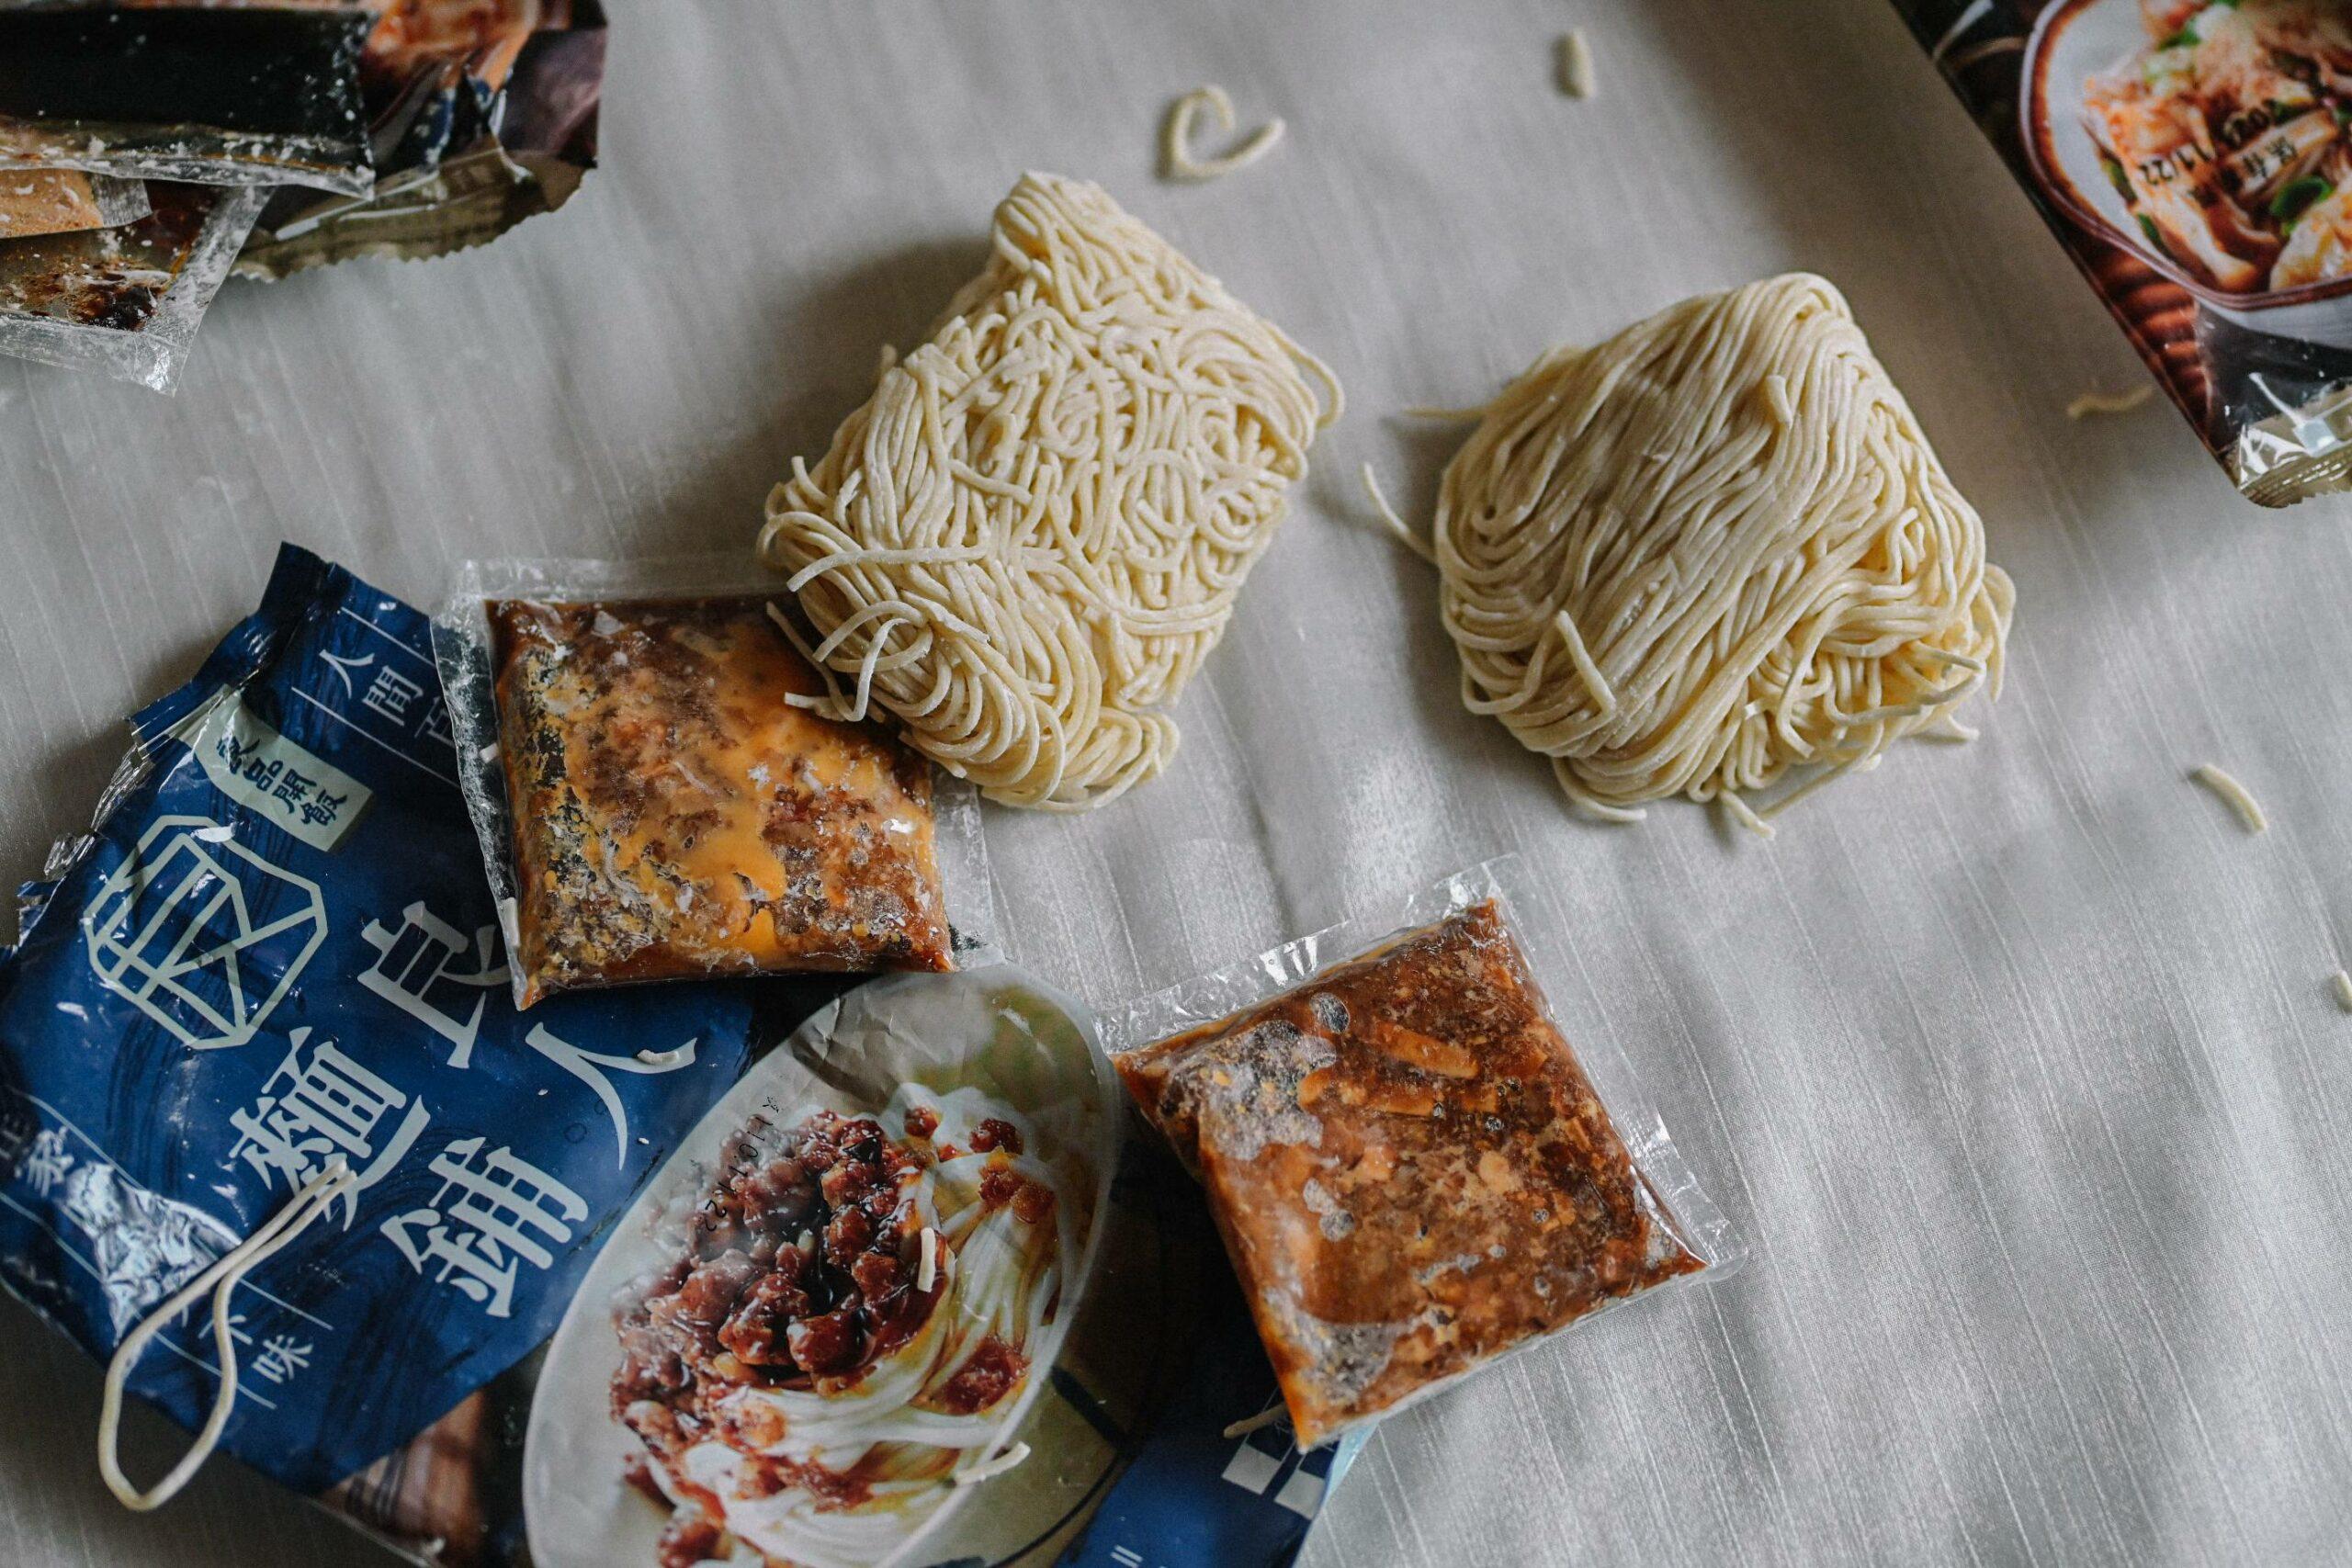 【乾拌麵推薦】良品開飯良人麵鋪:在家就像去巷口麵攤吃麵,比泡麵還健康。 @女子的休假計劃